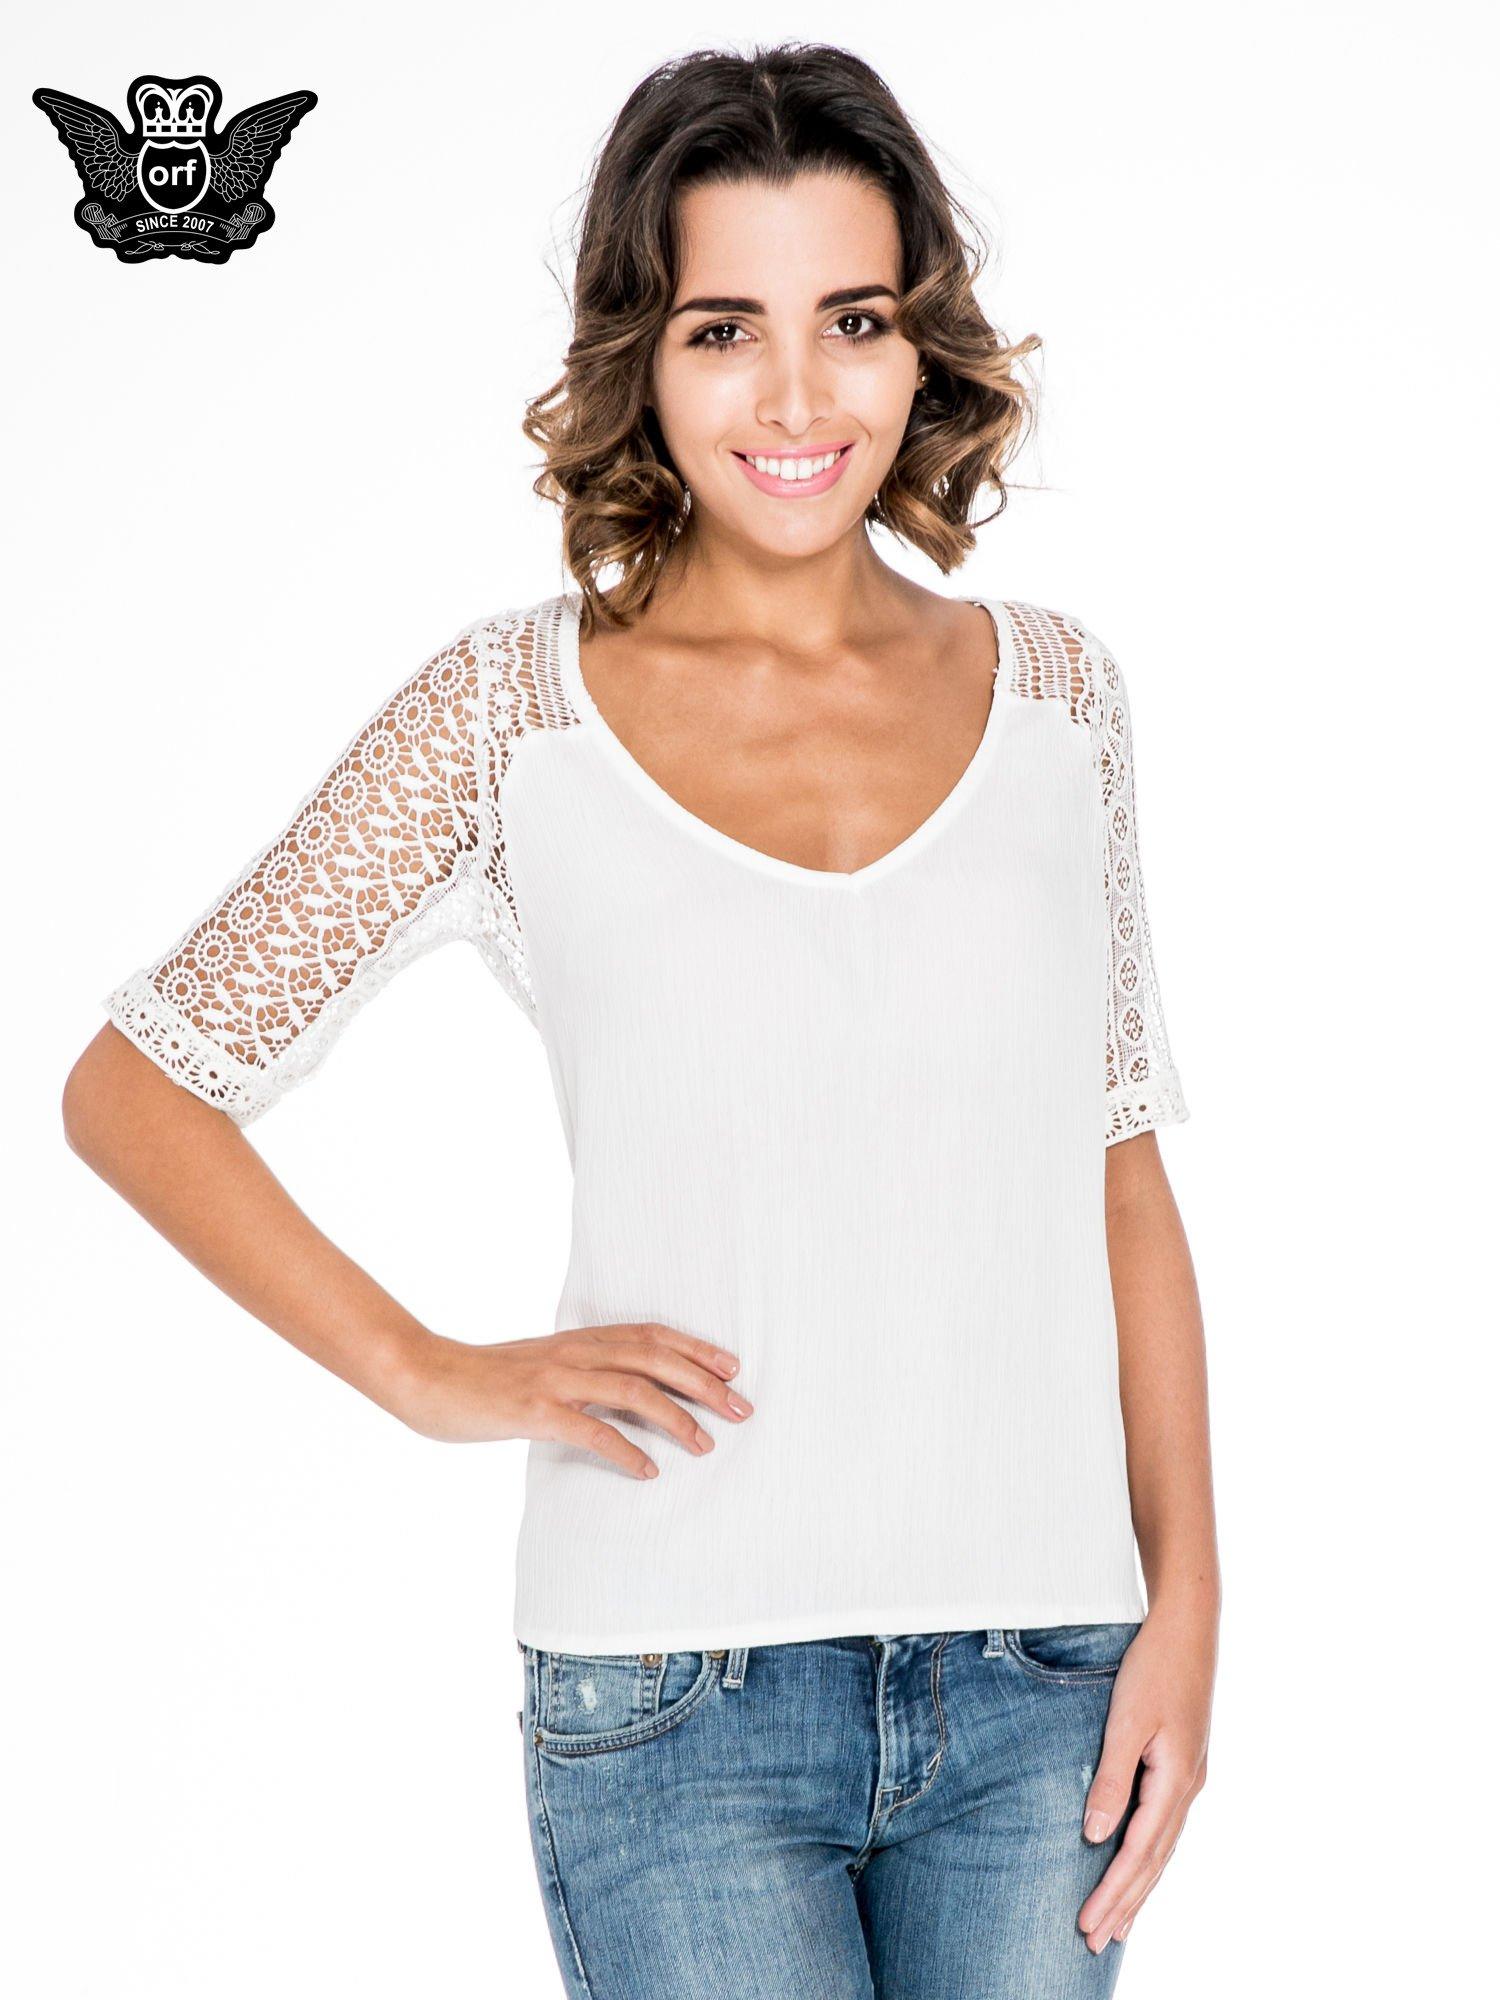 Ecru bluzka koszulowa z koronkowymi rękawami                                  zdj.                                  1